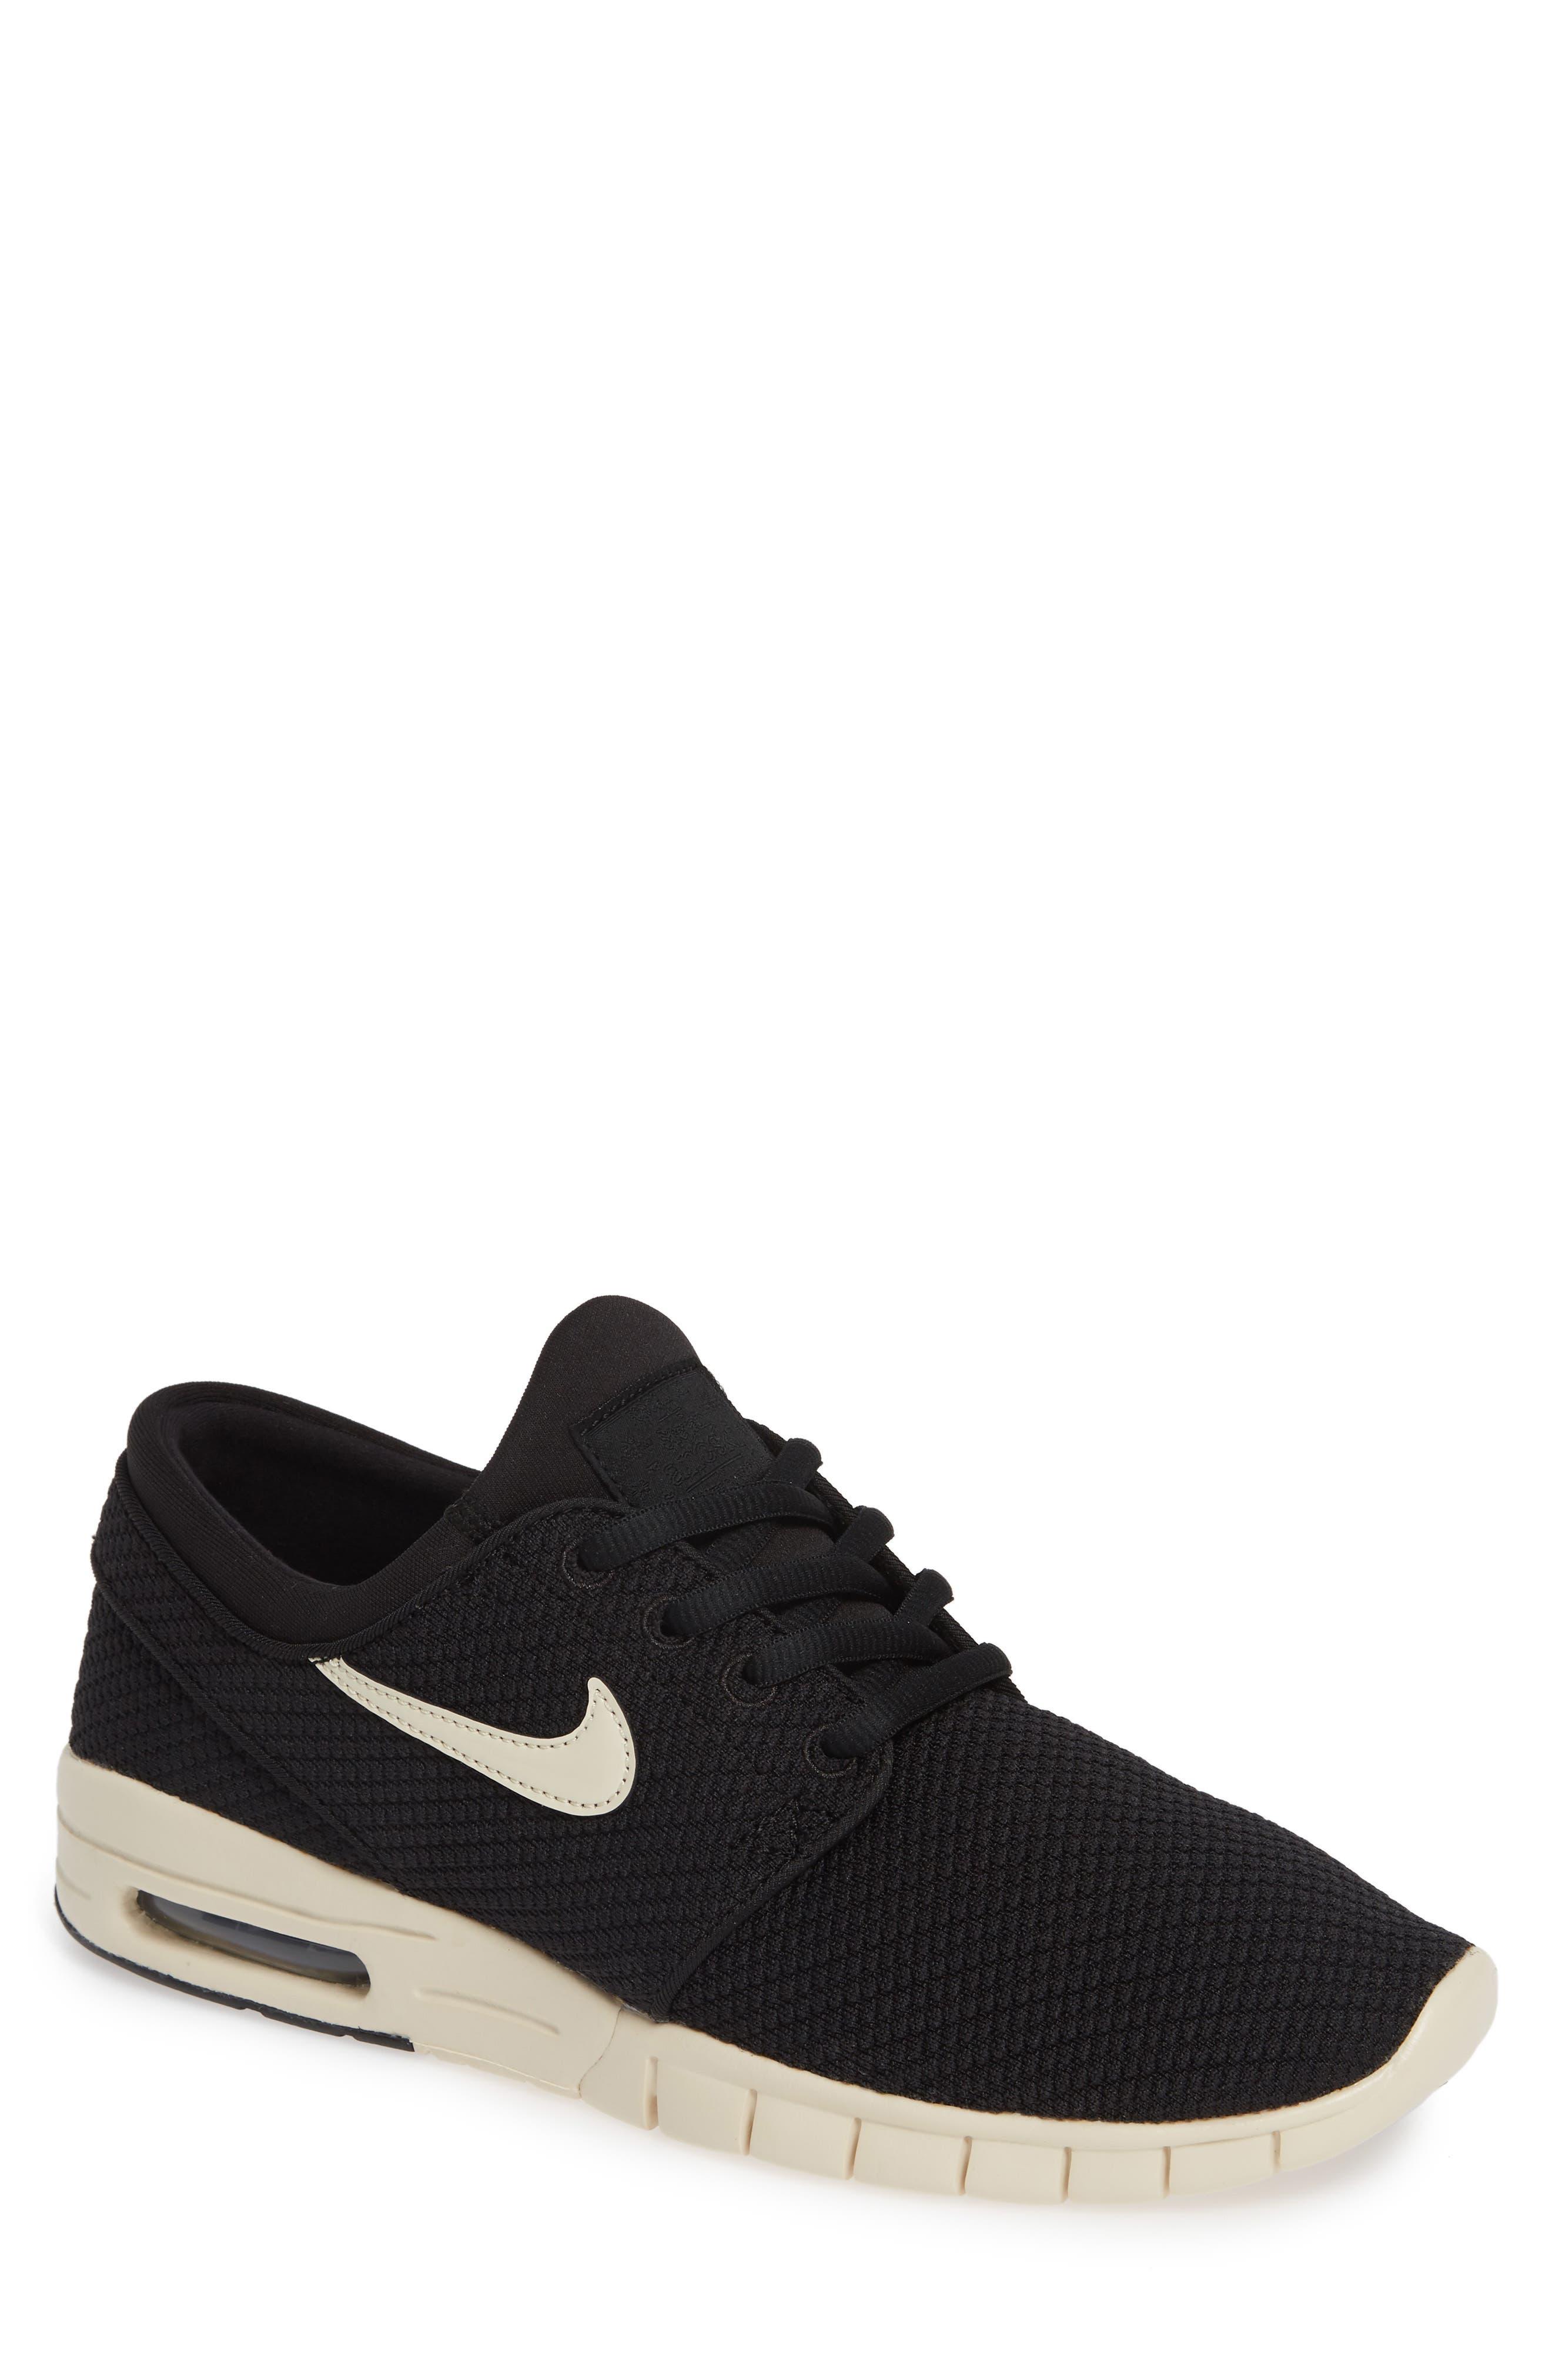 Men s Sneakers 153868407